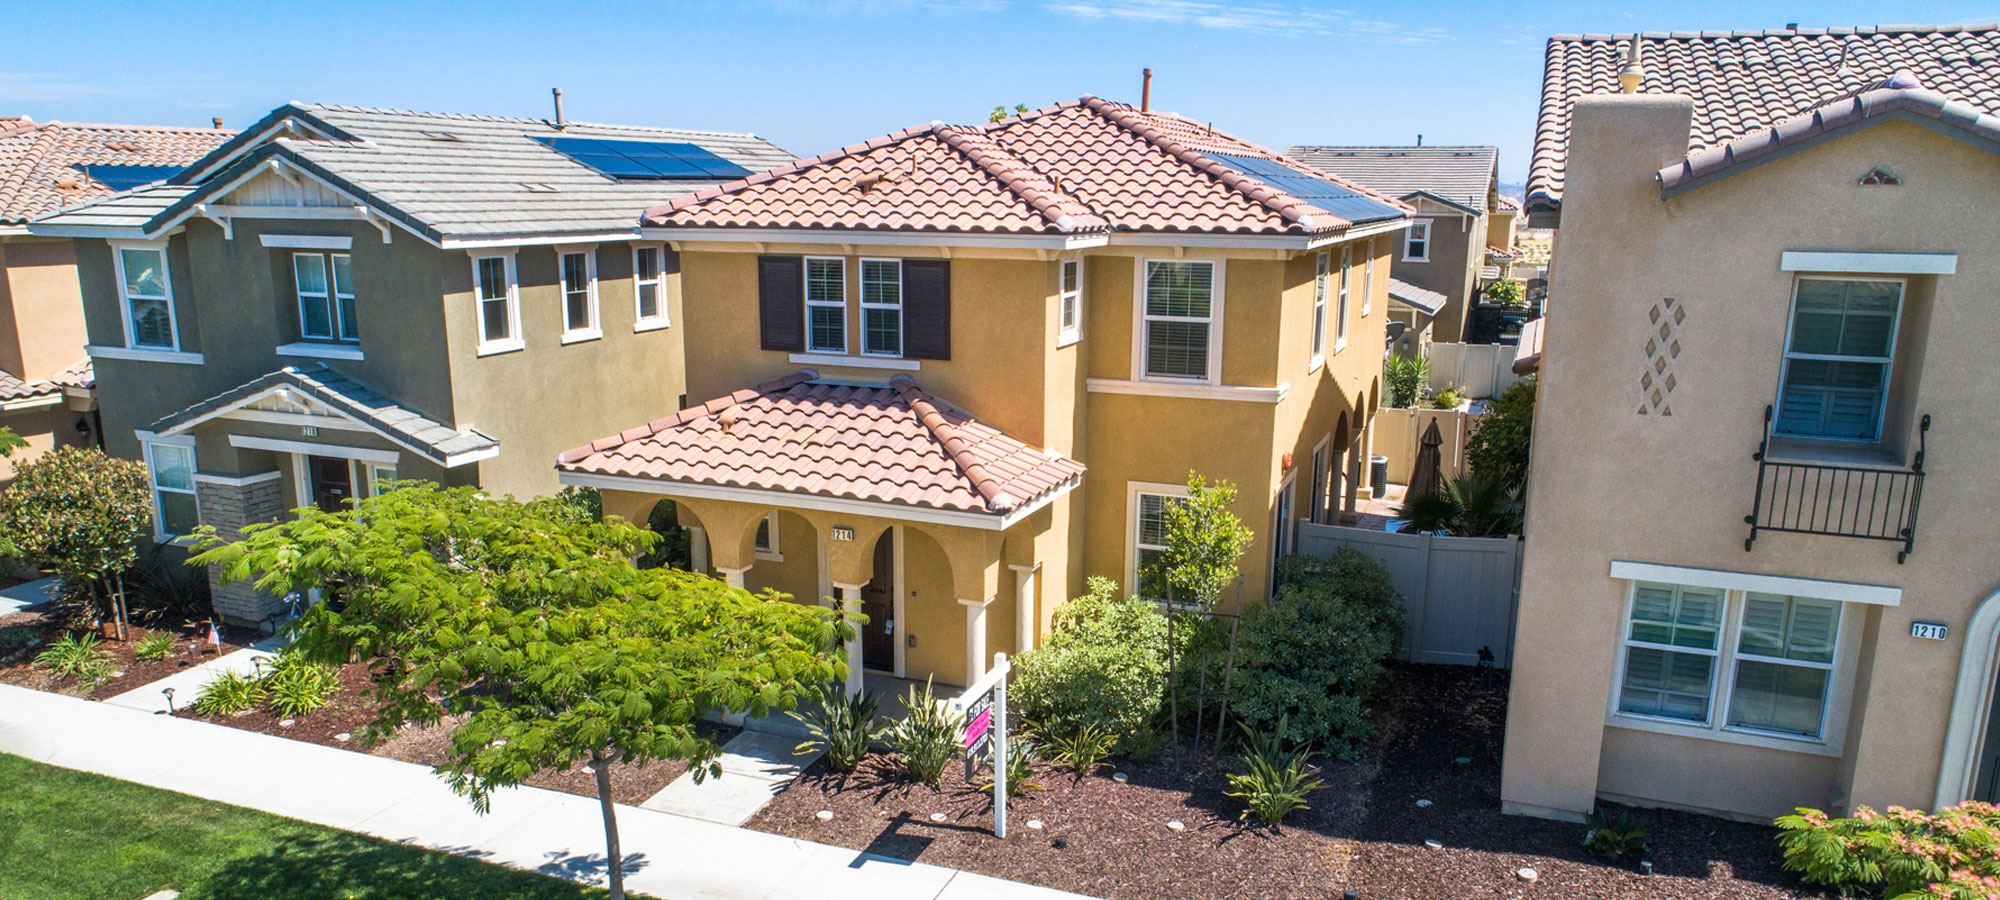 1214 Mason Rd. Chula Vista, CA 91913